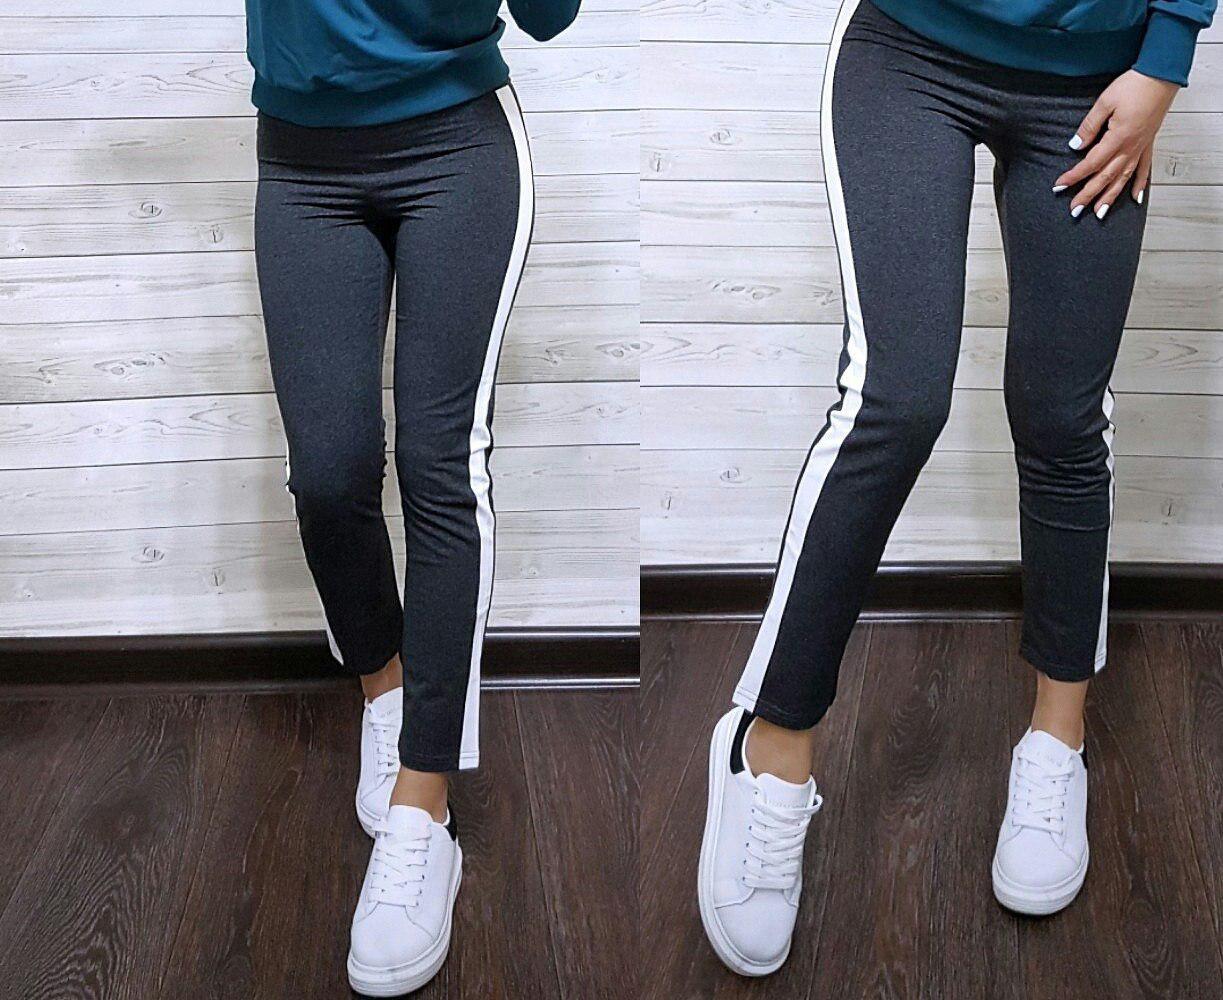 Стильные и модные штаны 7/8 с полоской. Размеры от S до XL, Турция